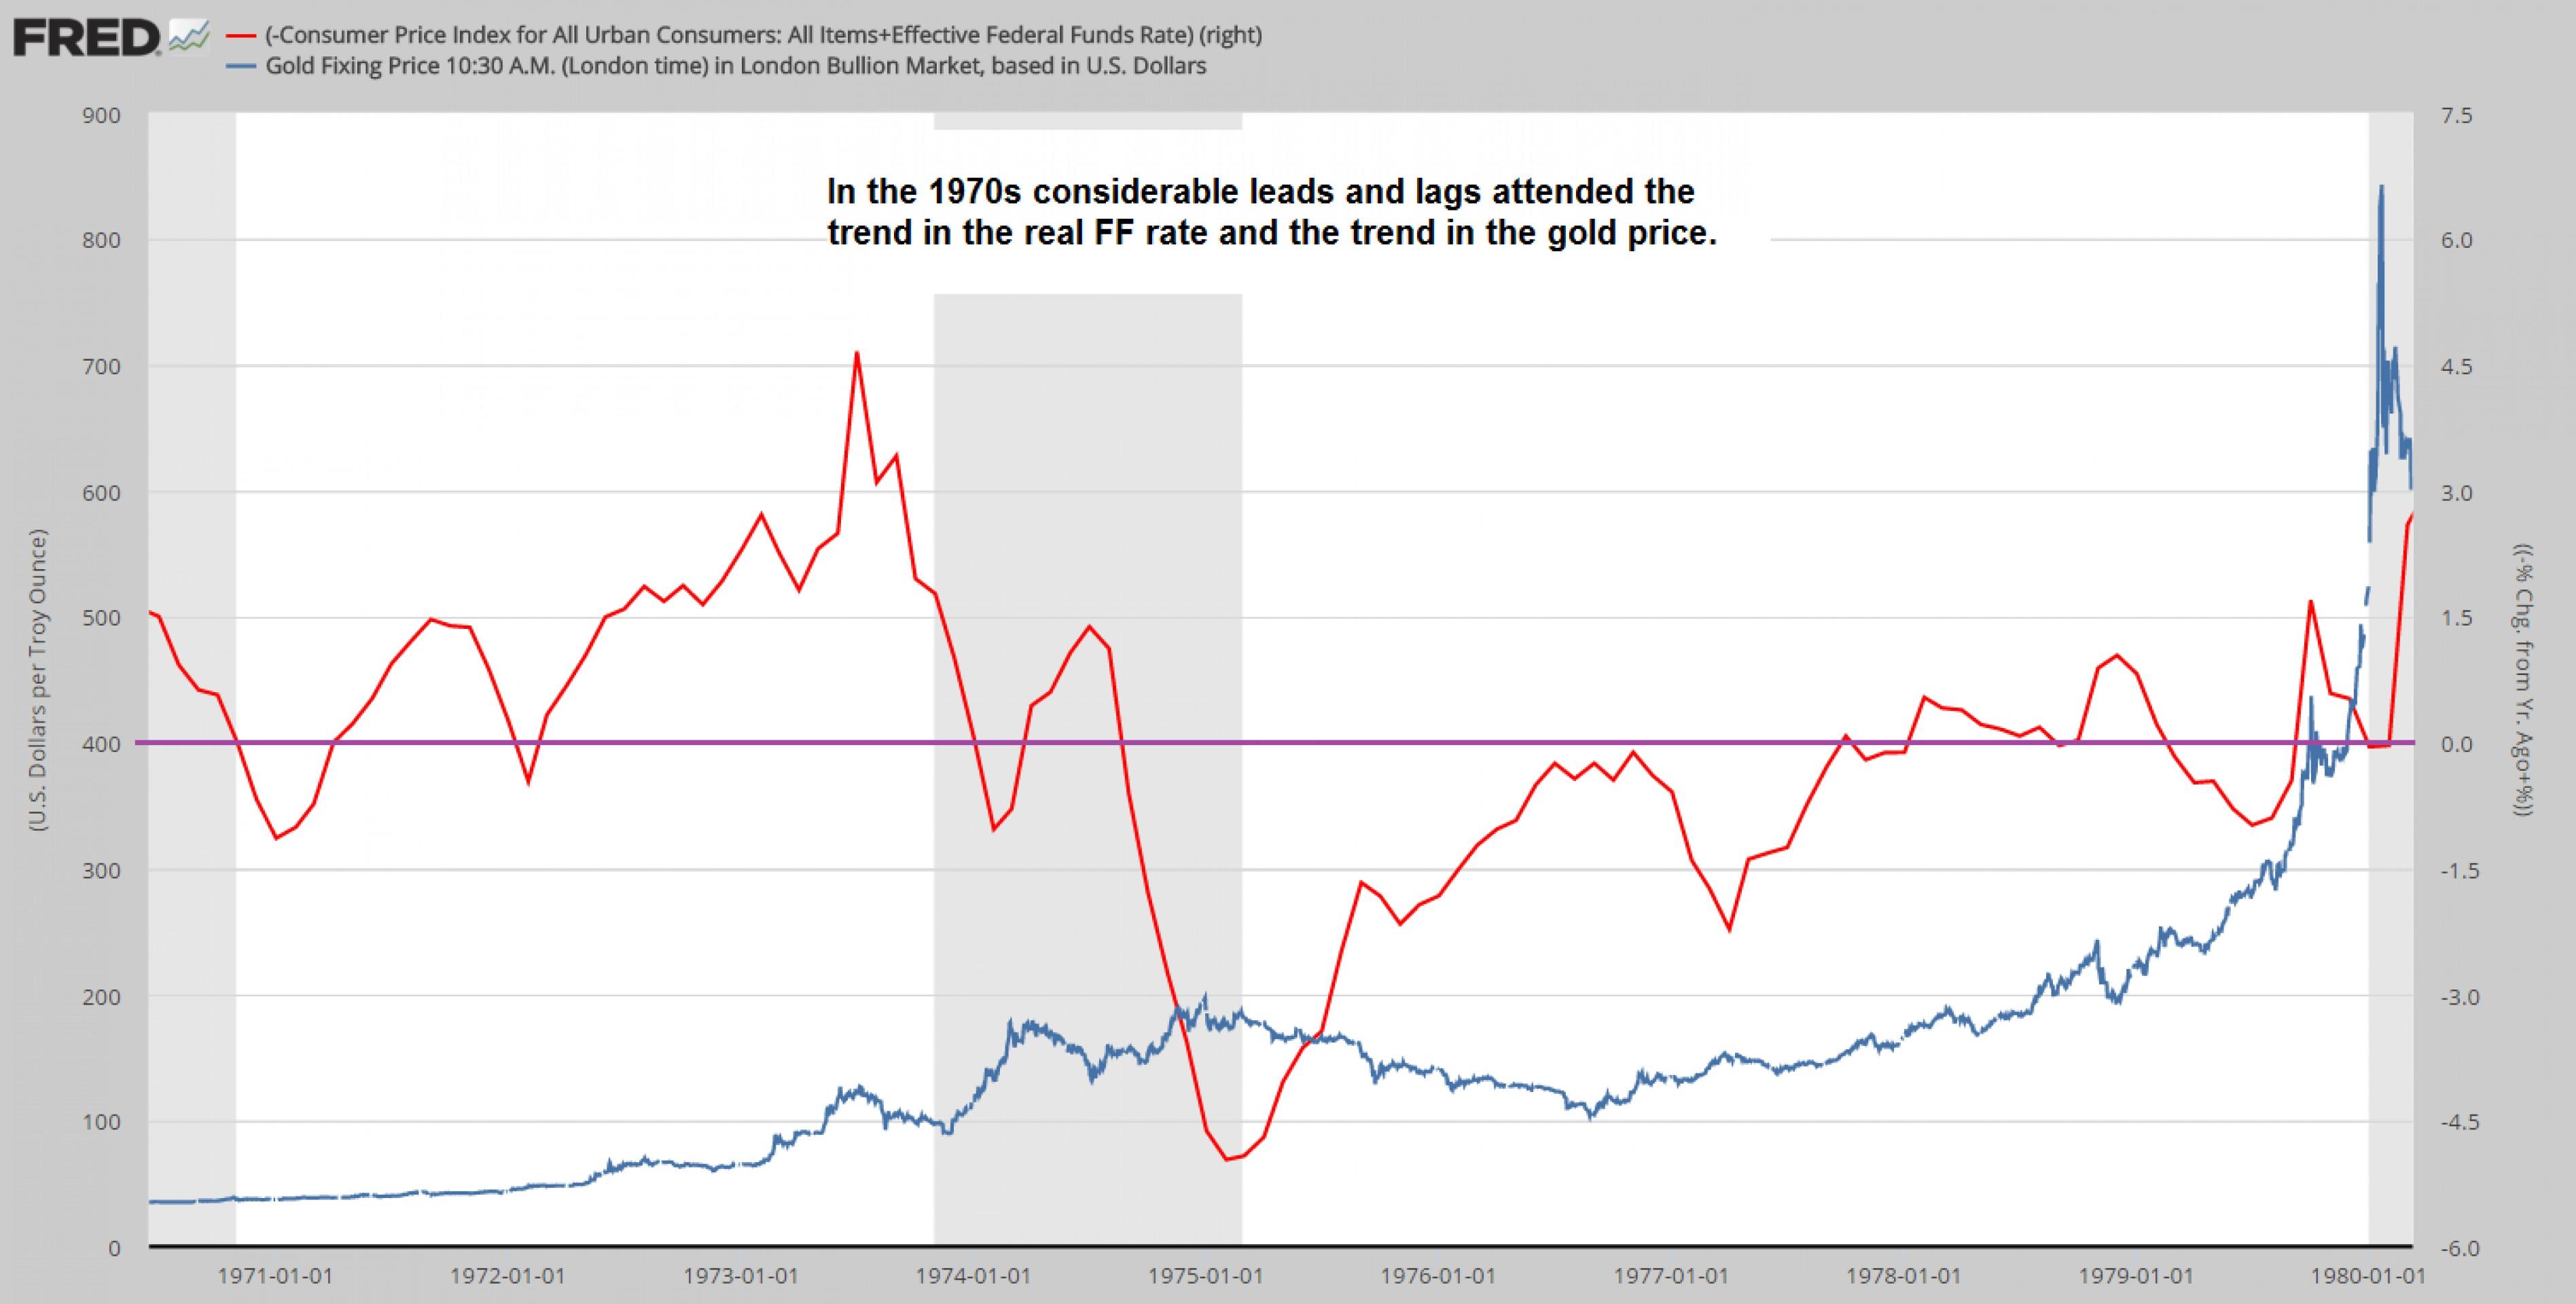 Золото и ставка ФРС: что будет дальше?